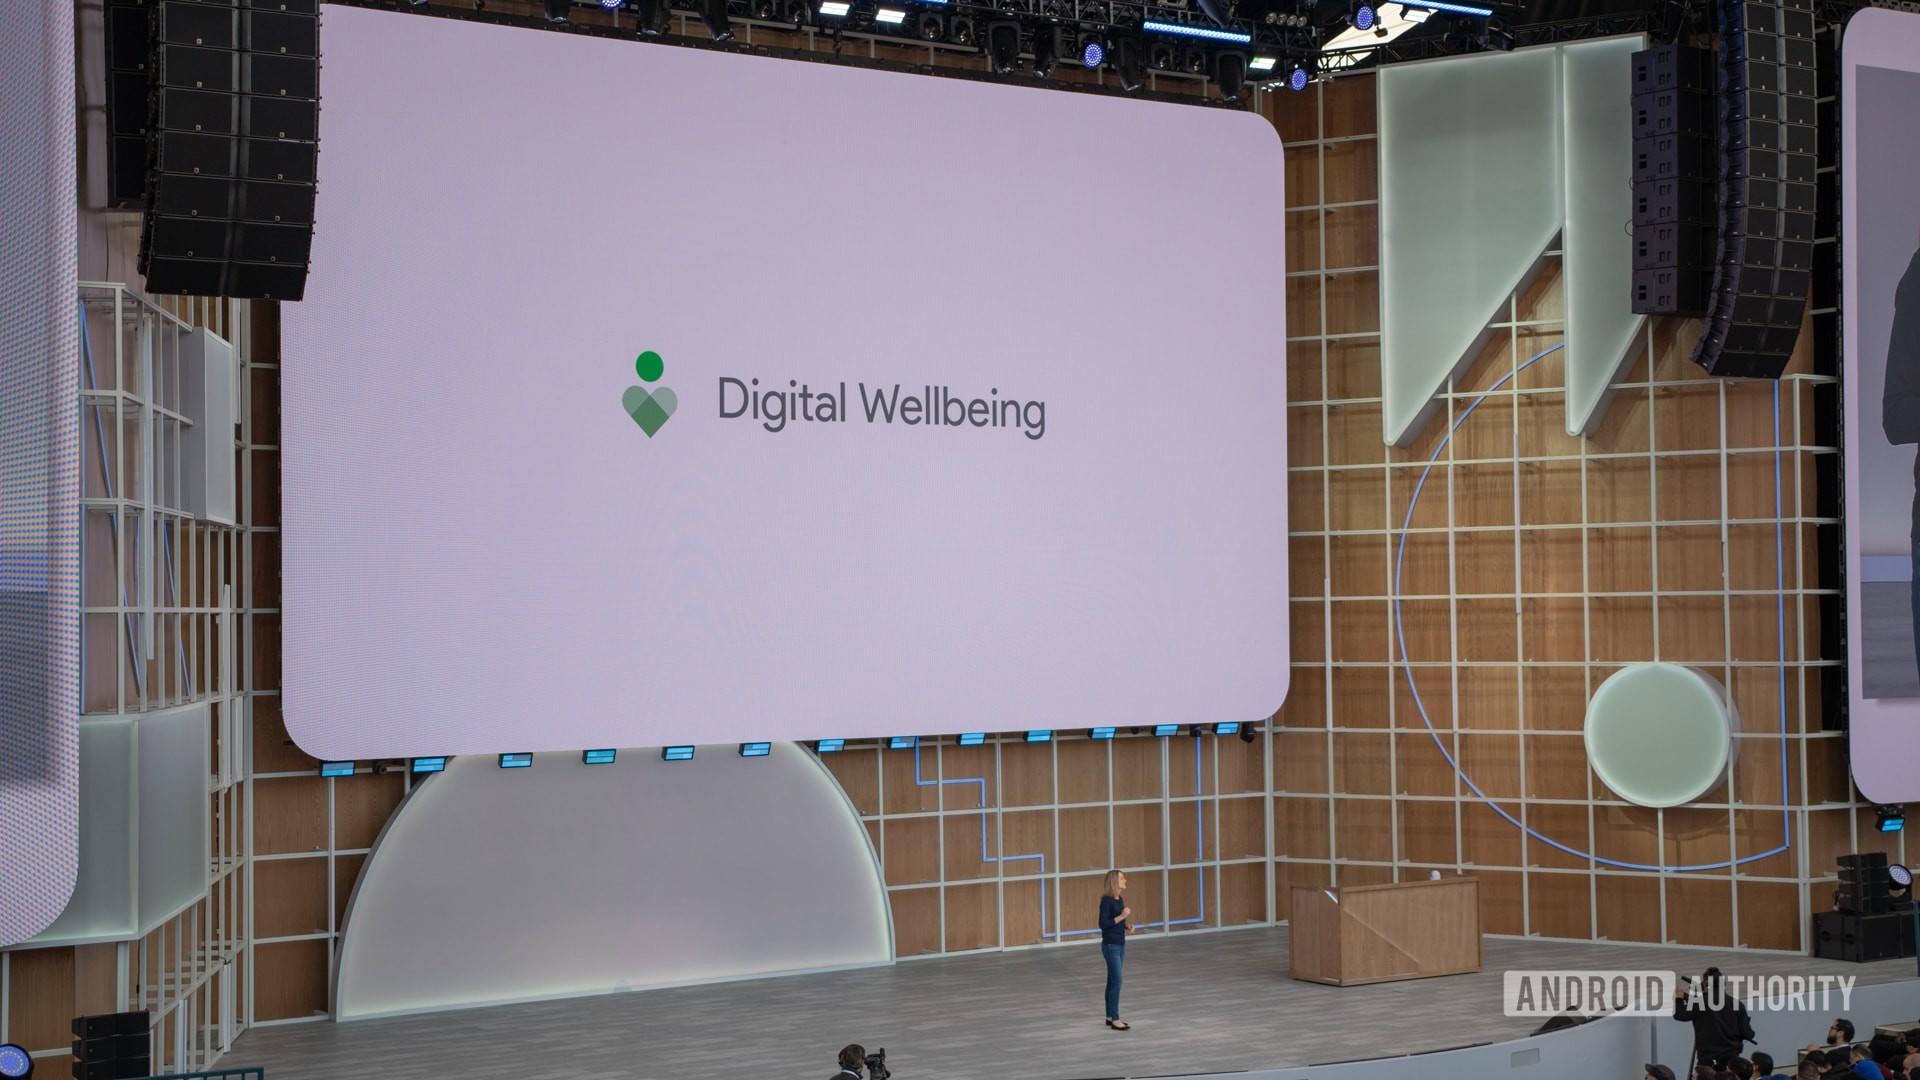 Google I/O 2019 Digital Wellbeing Logo